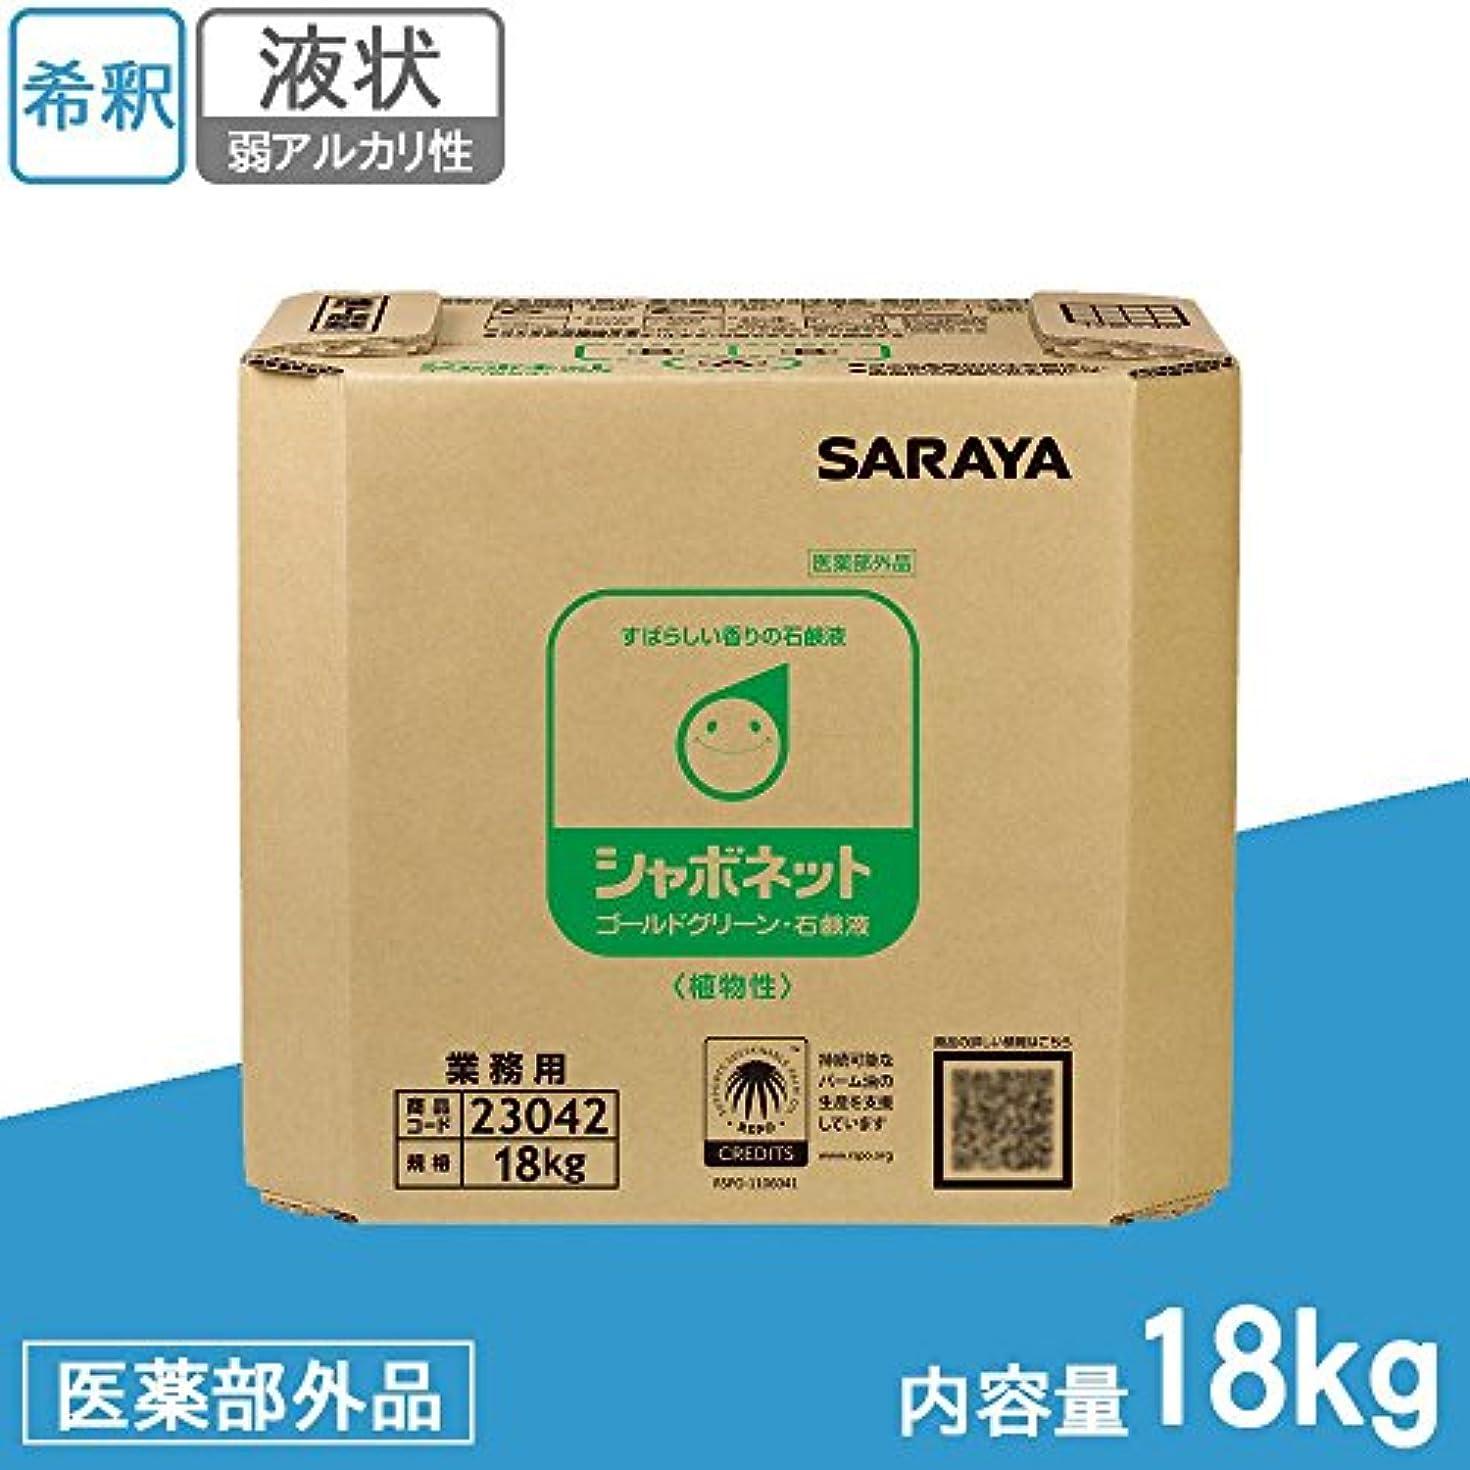 トランスミッション論理的に卒業サラヤ 業務用 手洗い用石けん液 シャボネットゴールドグリーン スズランの香り 18kg BIB 23042 (医薬部外品)